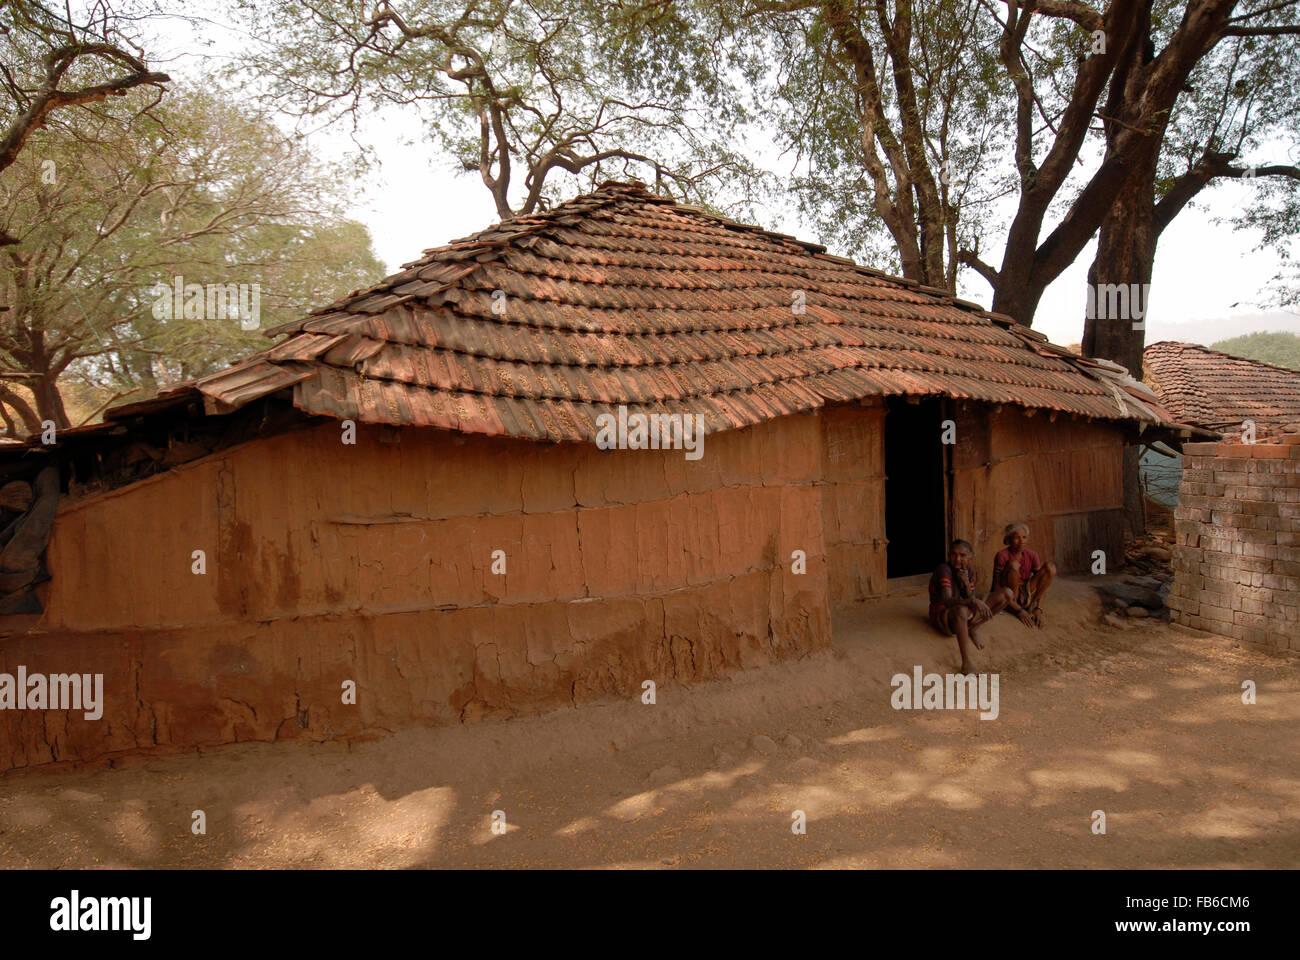 Warli houses raitali village dahanu maharashtra india stock warli houses raitali village dahanu maharashtra india altavistaventures Image collections